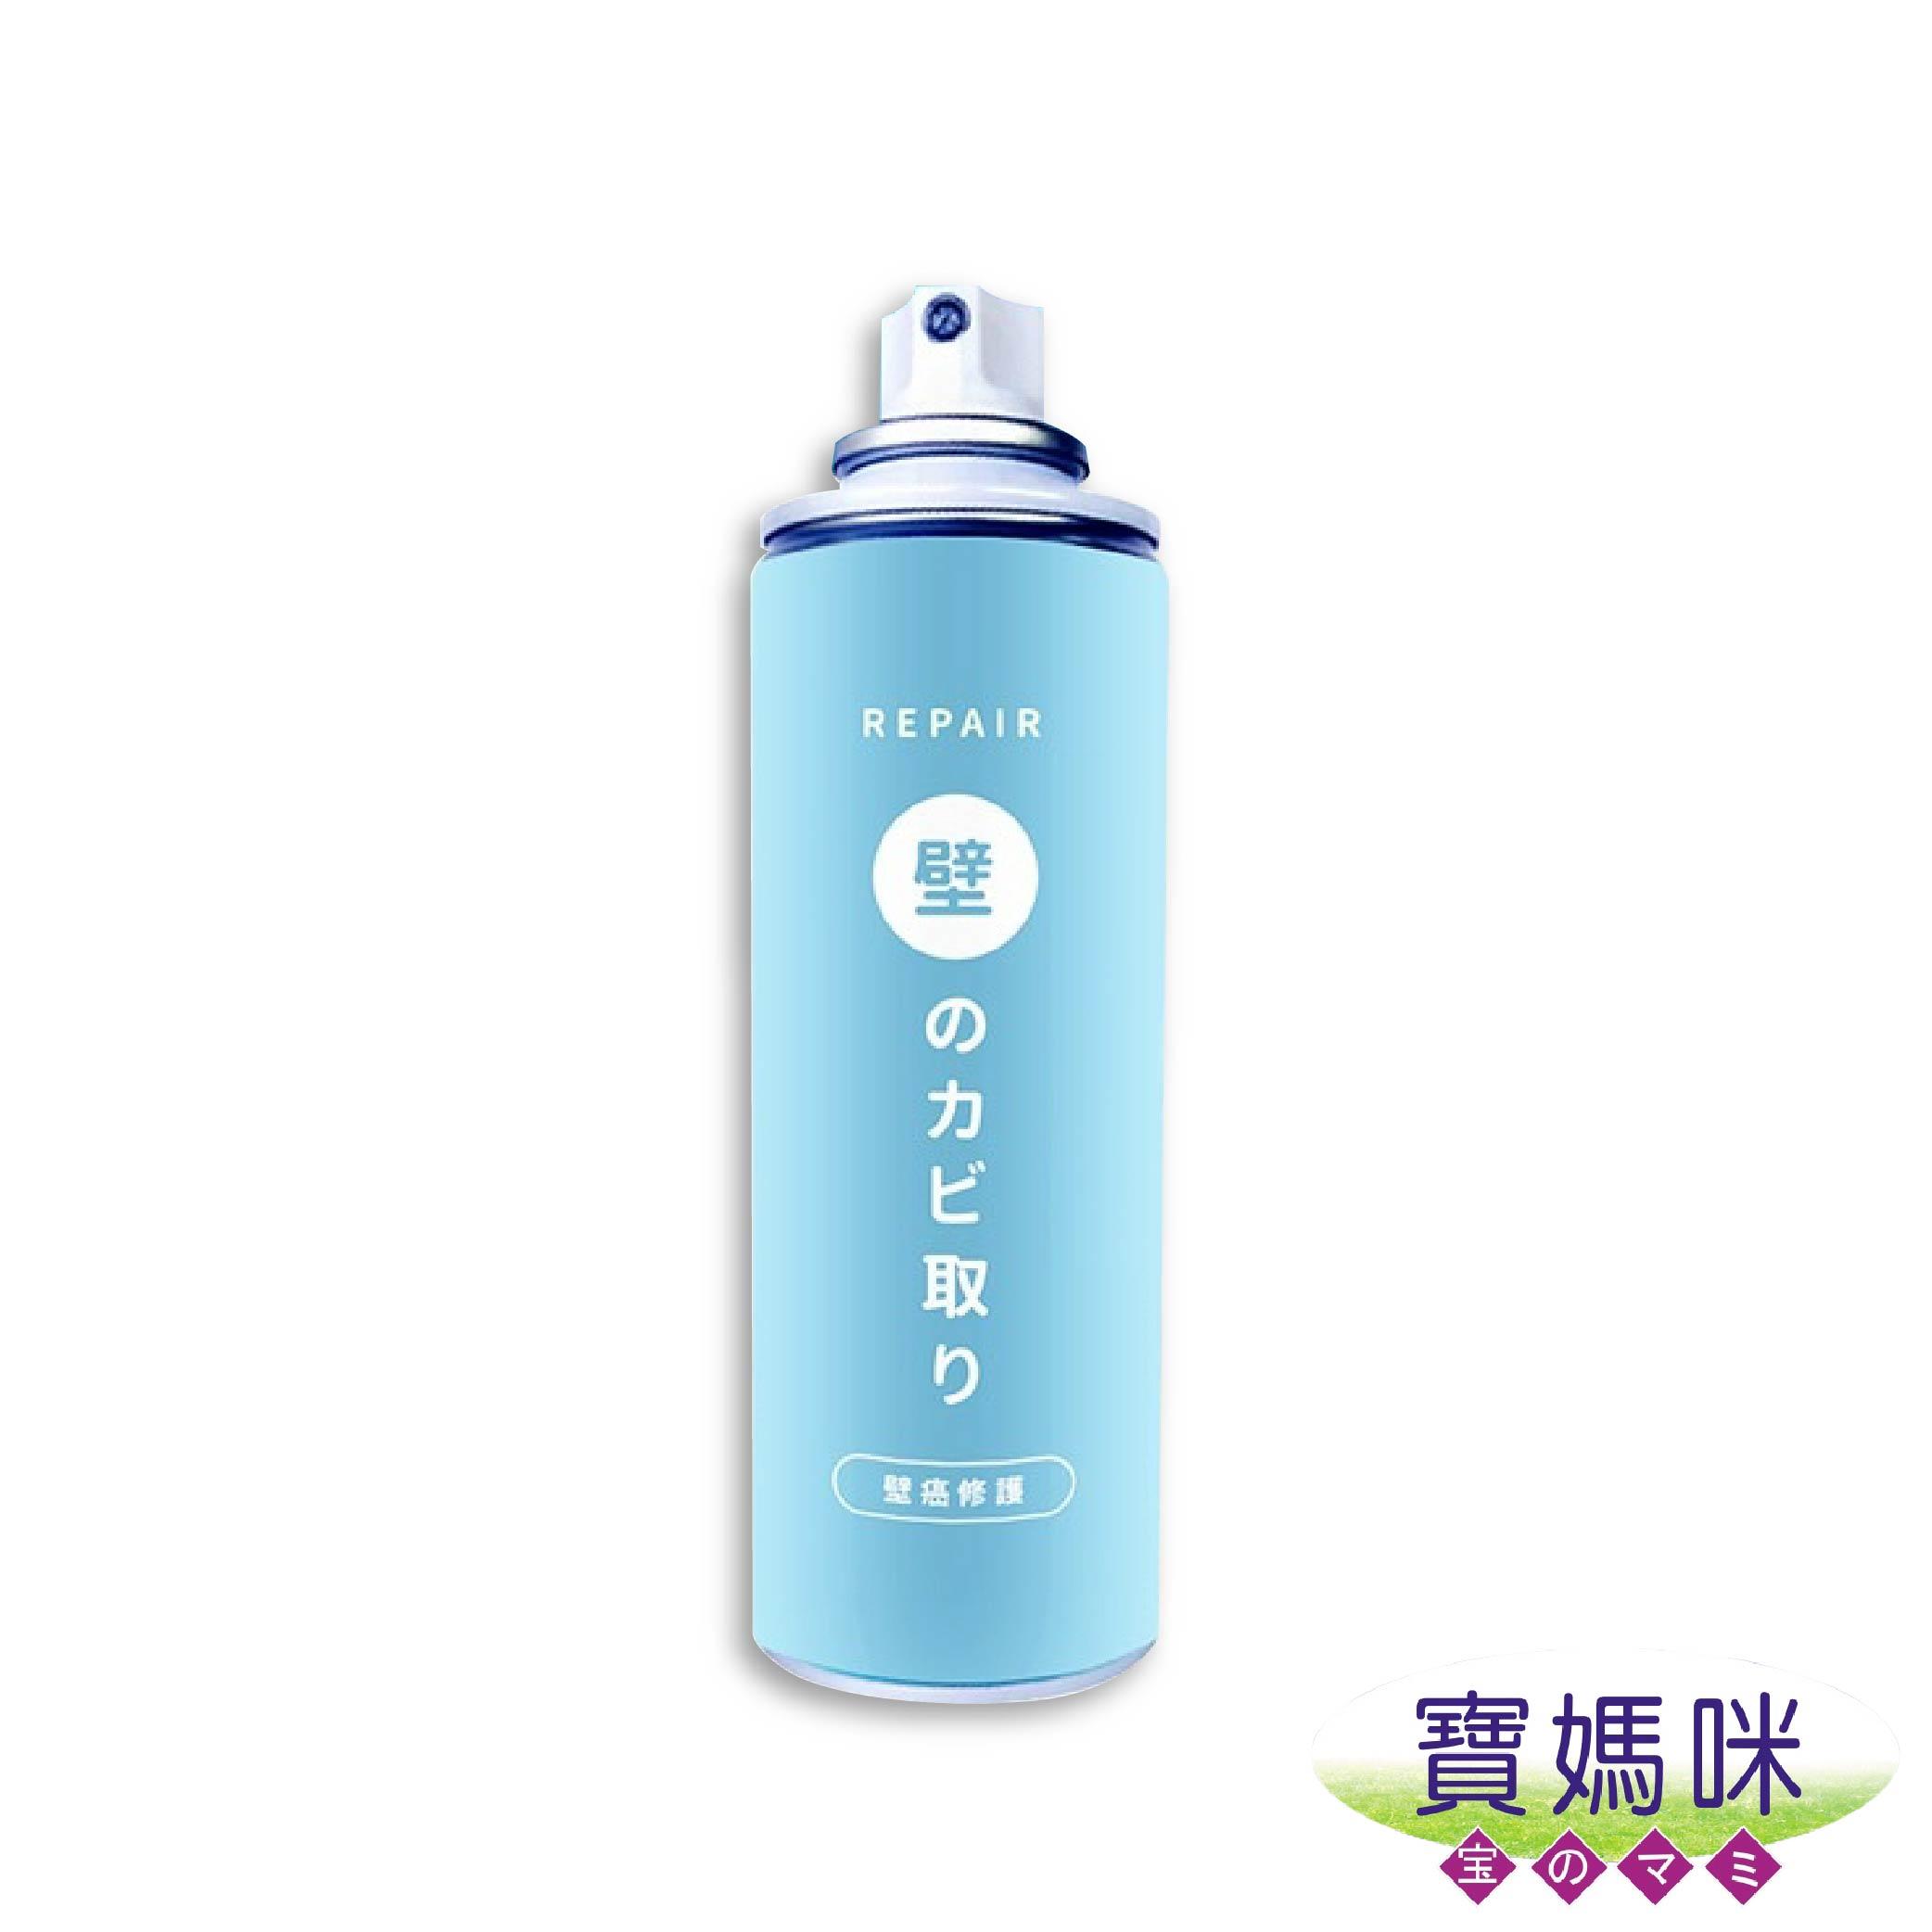 【松賀屋】日本強效牆面修復防水壁癌噴霧